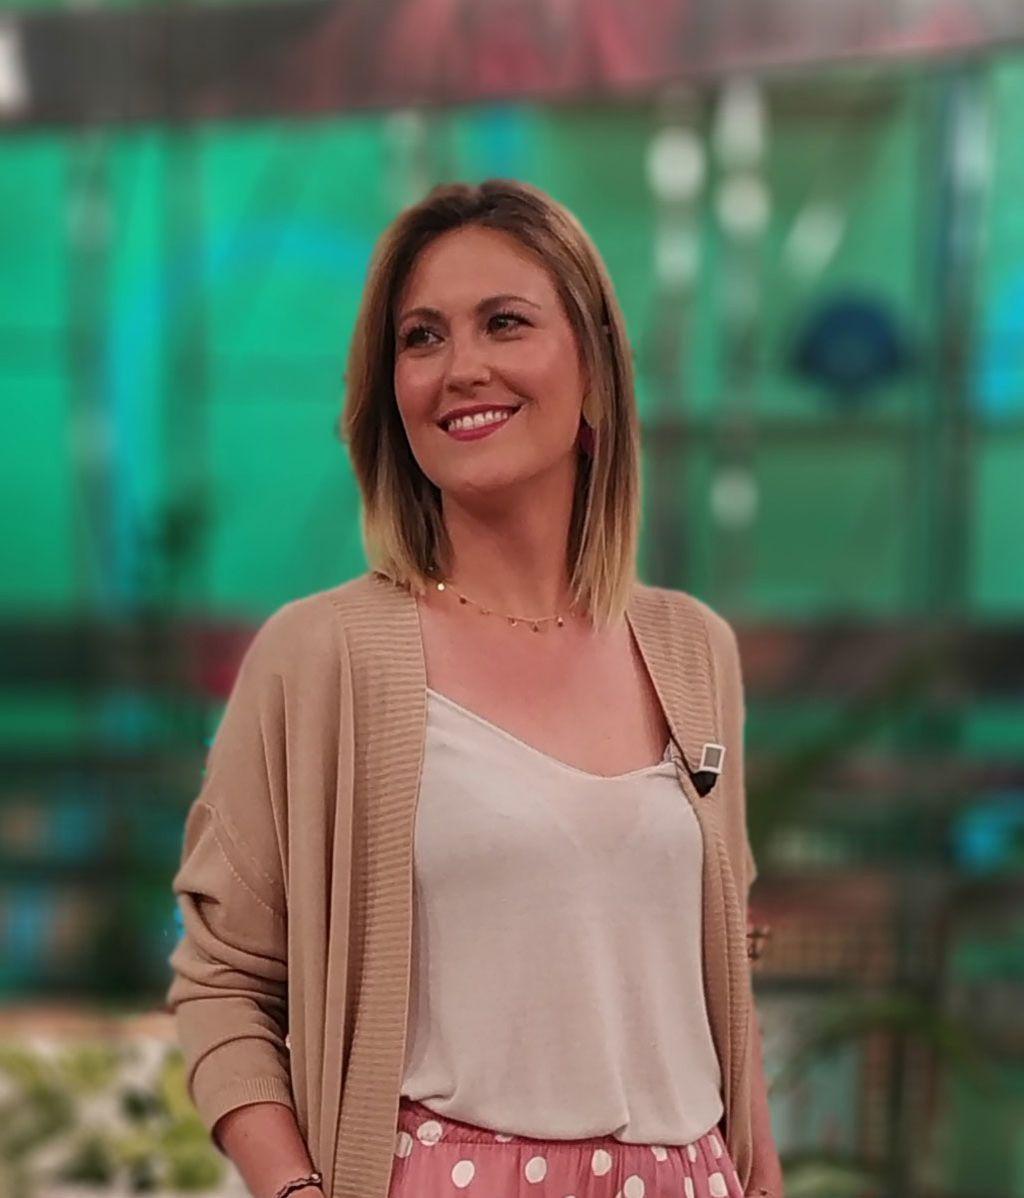 Conoce a la presentadora de 'AYUDA-TE, cambia tu vida': ella es Cristina Soria